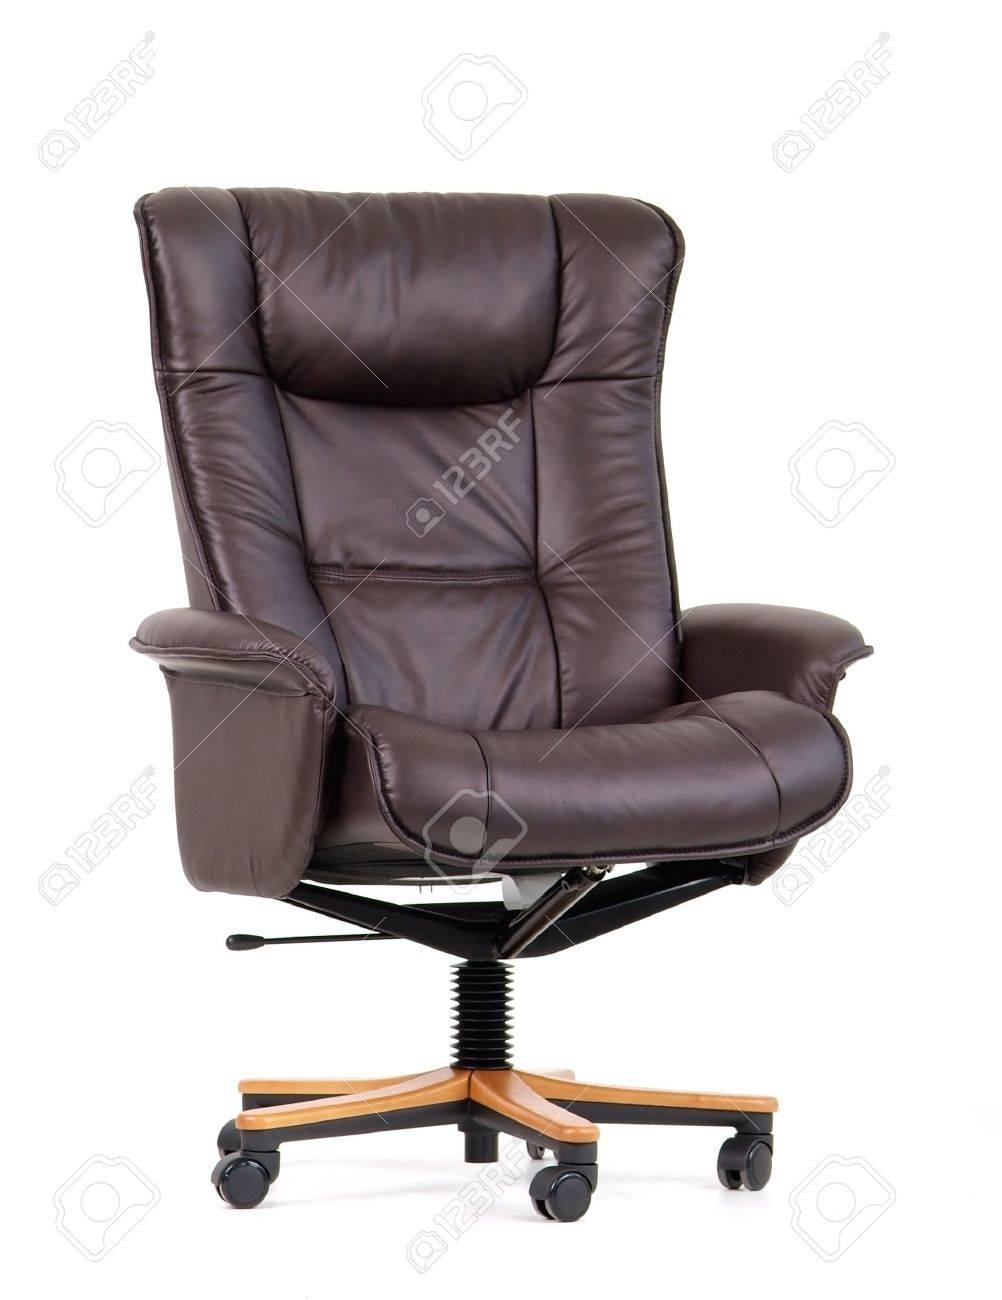 Luxe Leren Bureaustoel.Zwart Lederen Luxe Bureaustoel Geisoleerd Op Wit Royalty Vrije